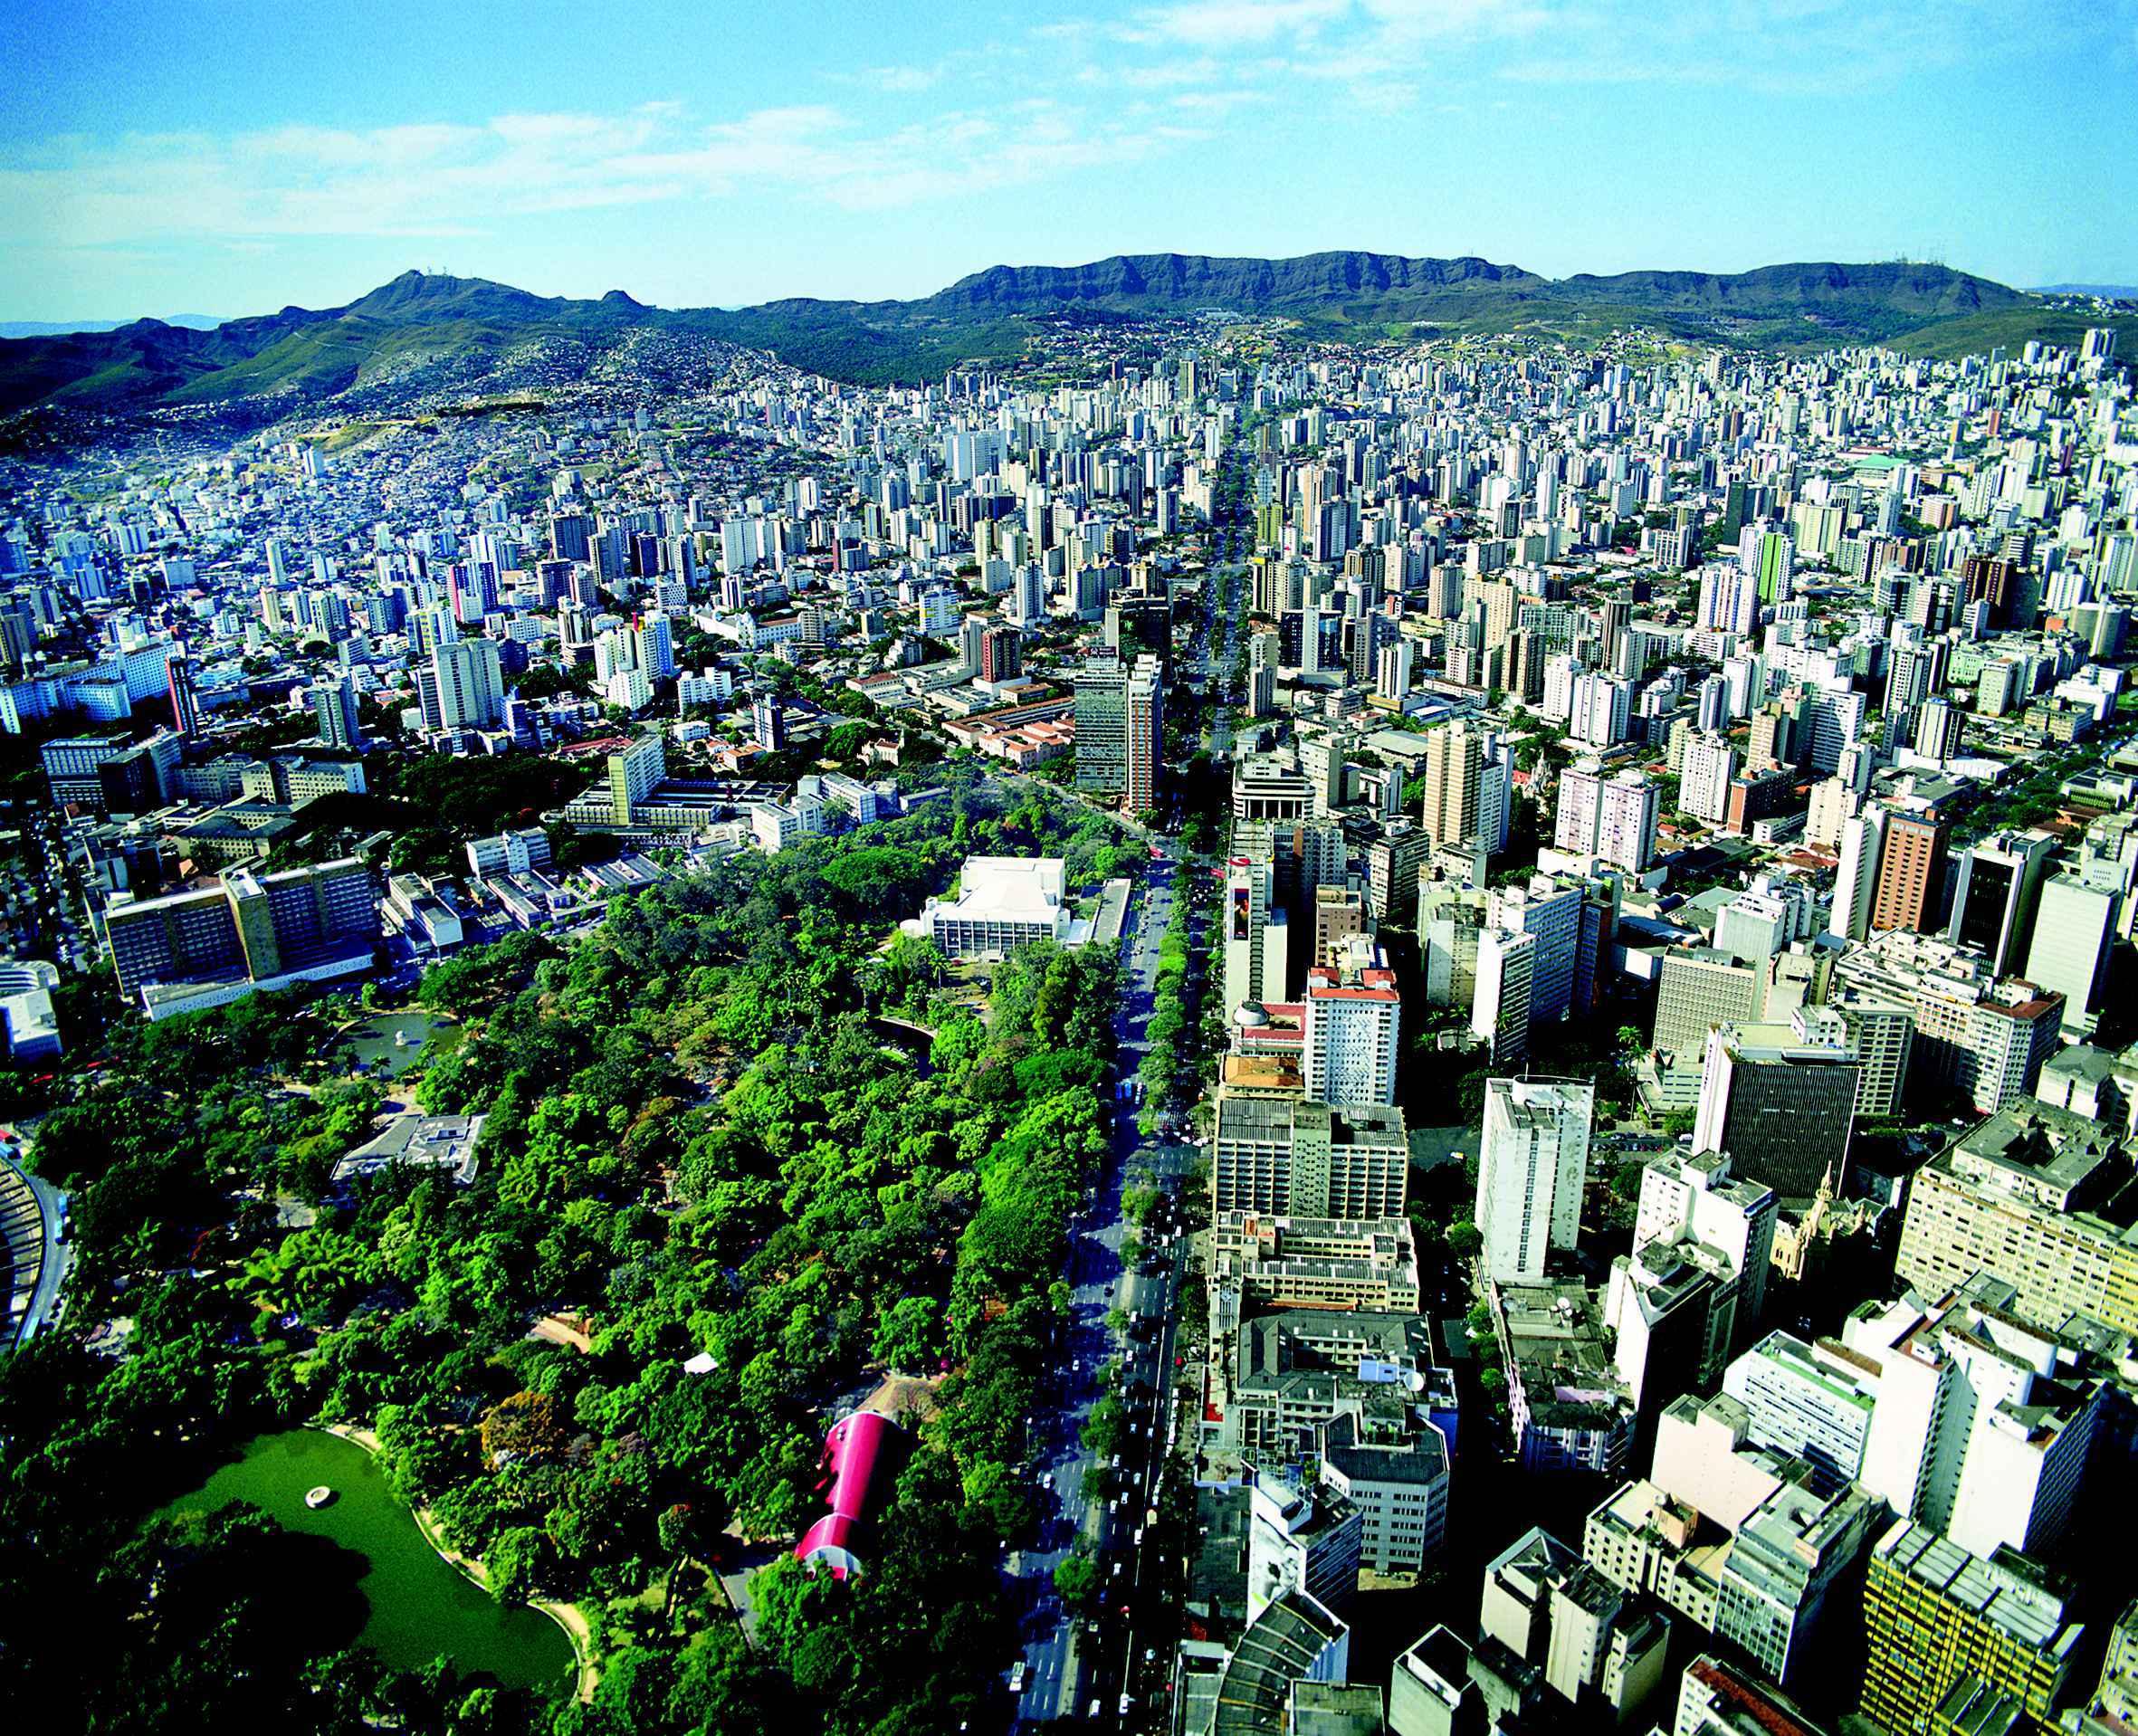 Belo Horizonte: do planejamento à urbanização